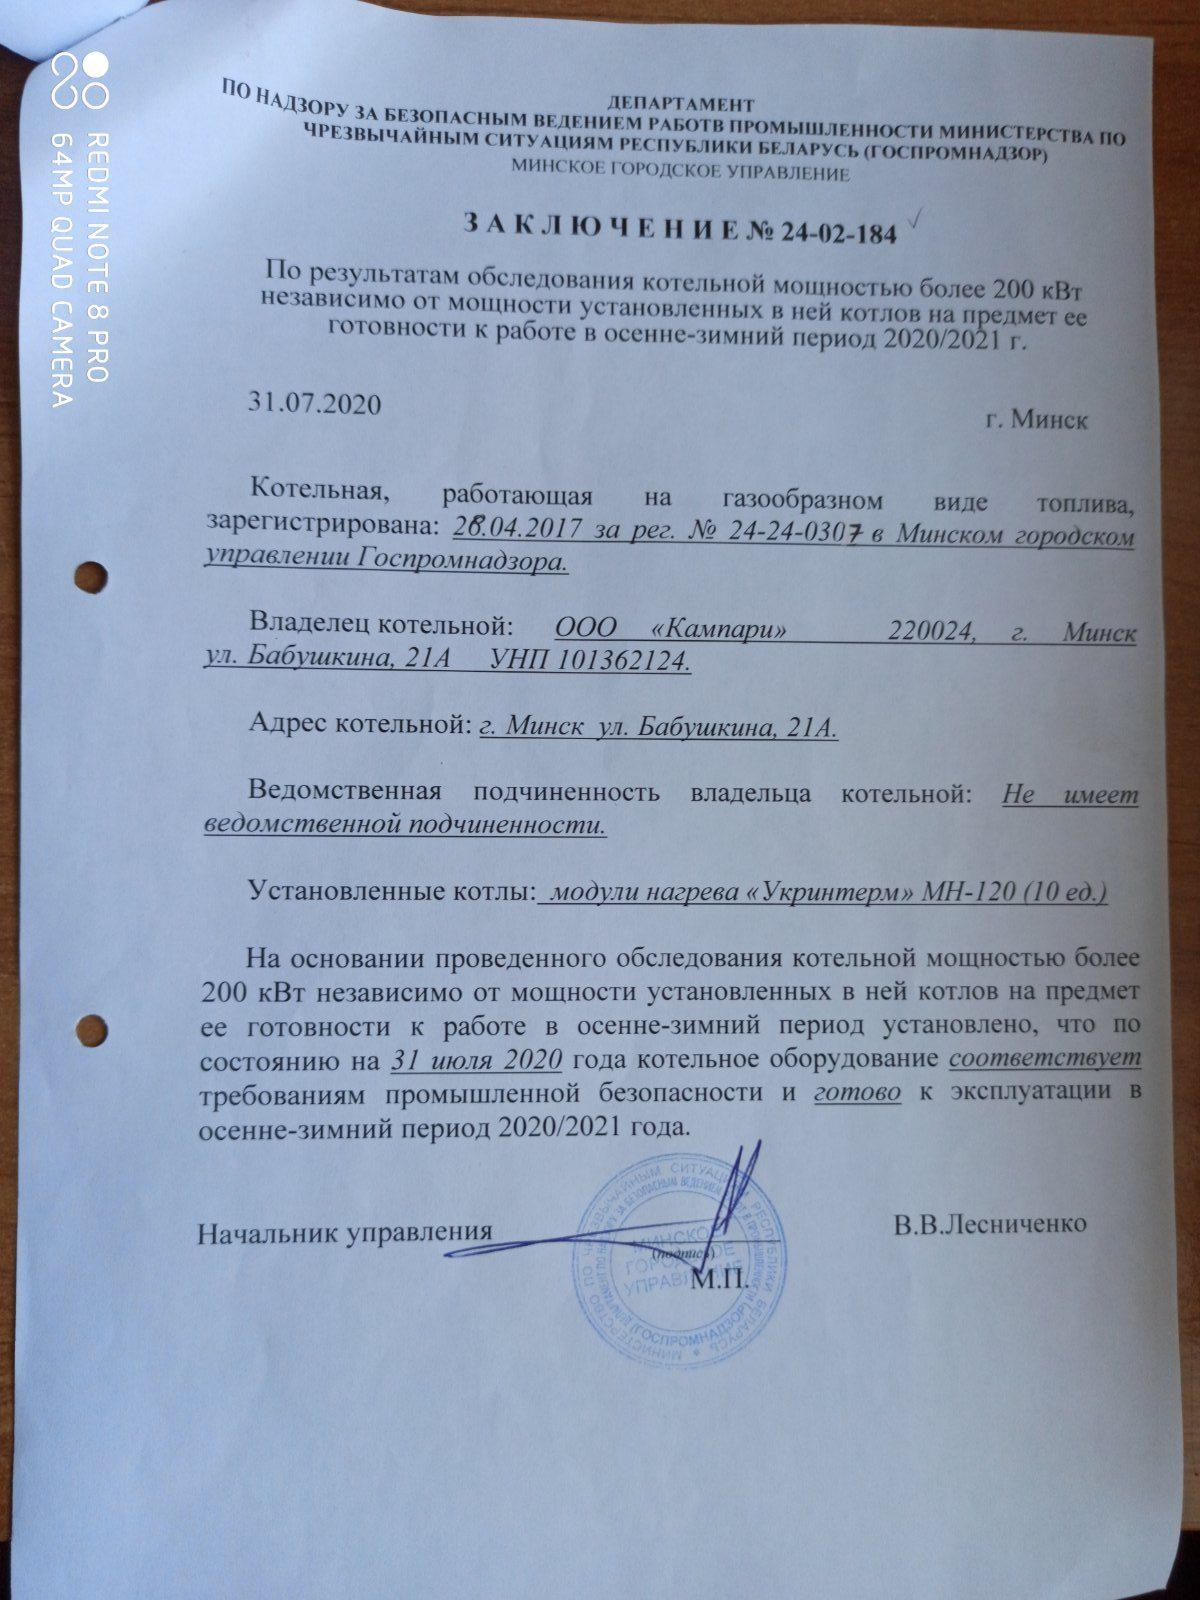 пример заключения Госпромнадзора о готовности тепоисточника к работе в ОЗП